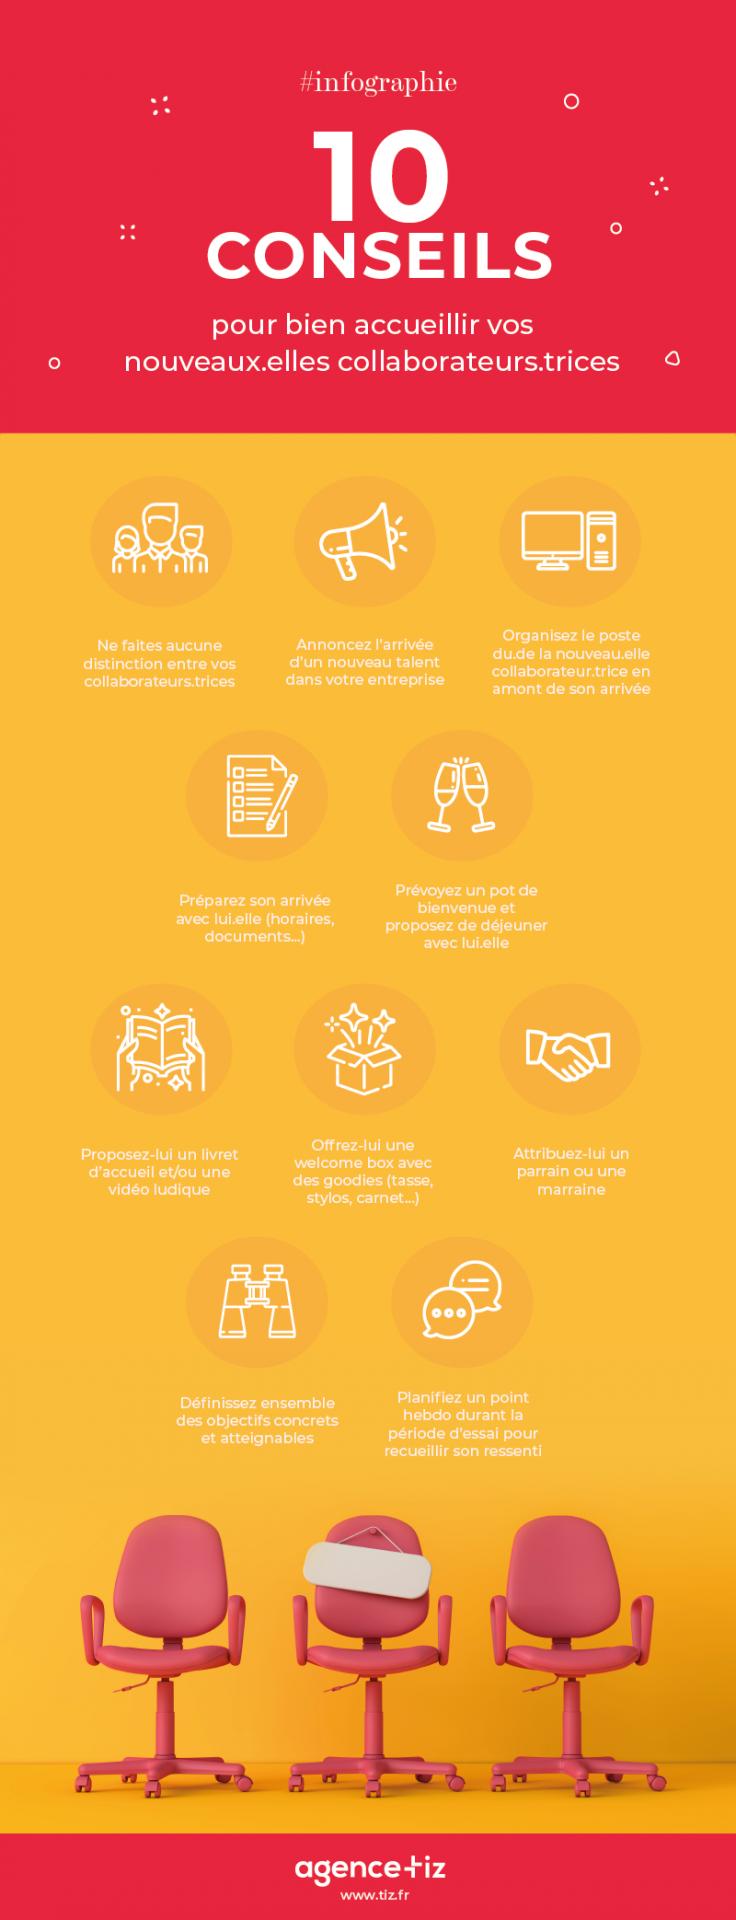 Infographie : 10 conseils pour bien accueillir vos nouveaux collaborateurs.